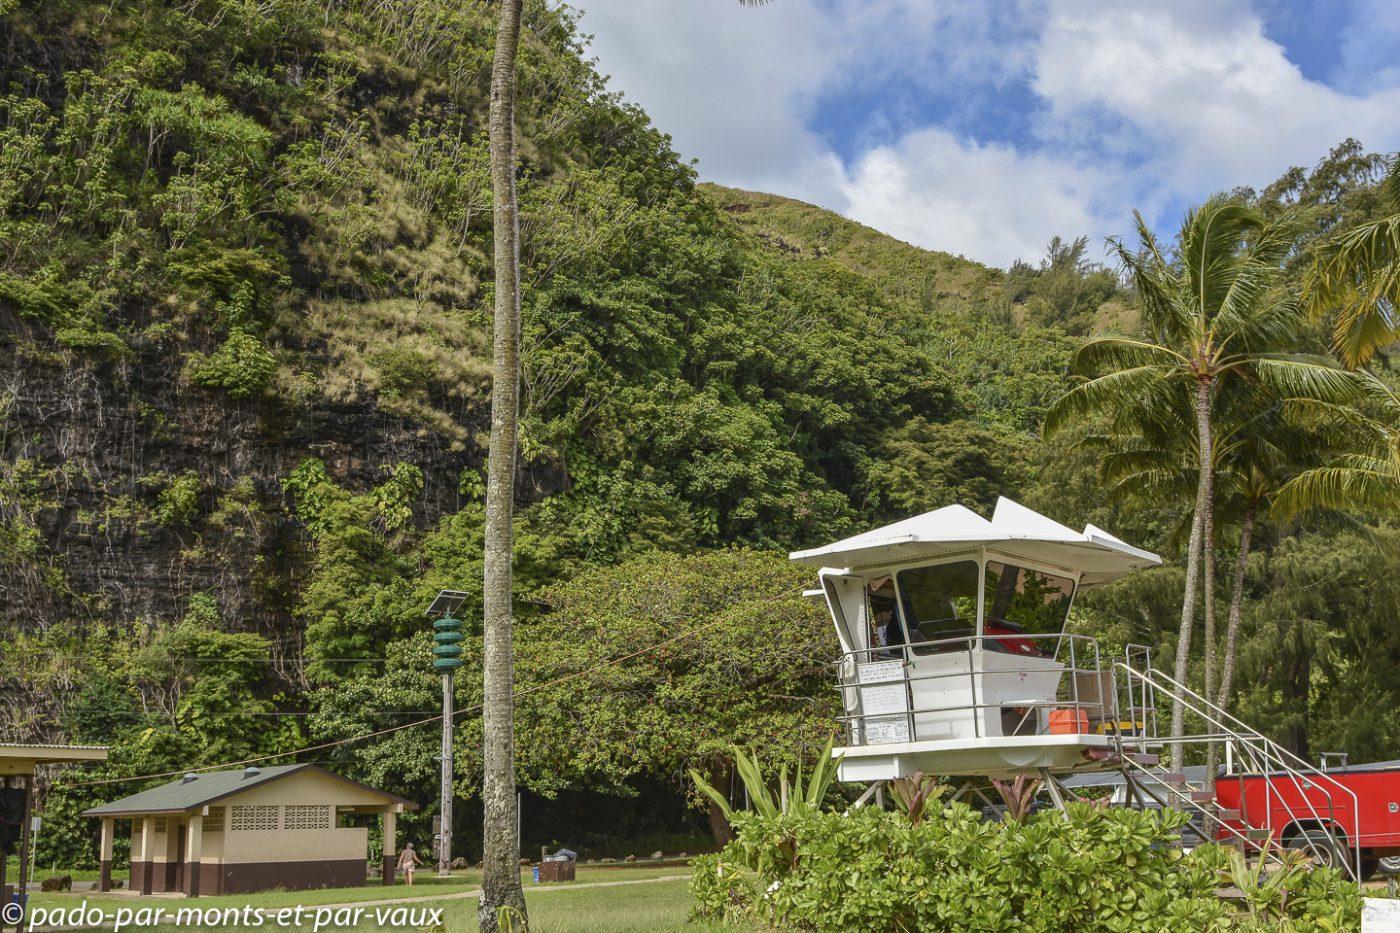 Kauai - Kee beach